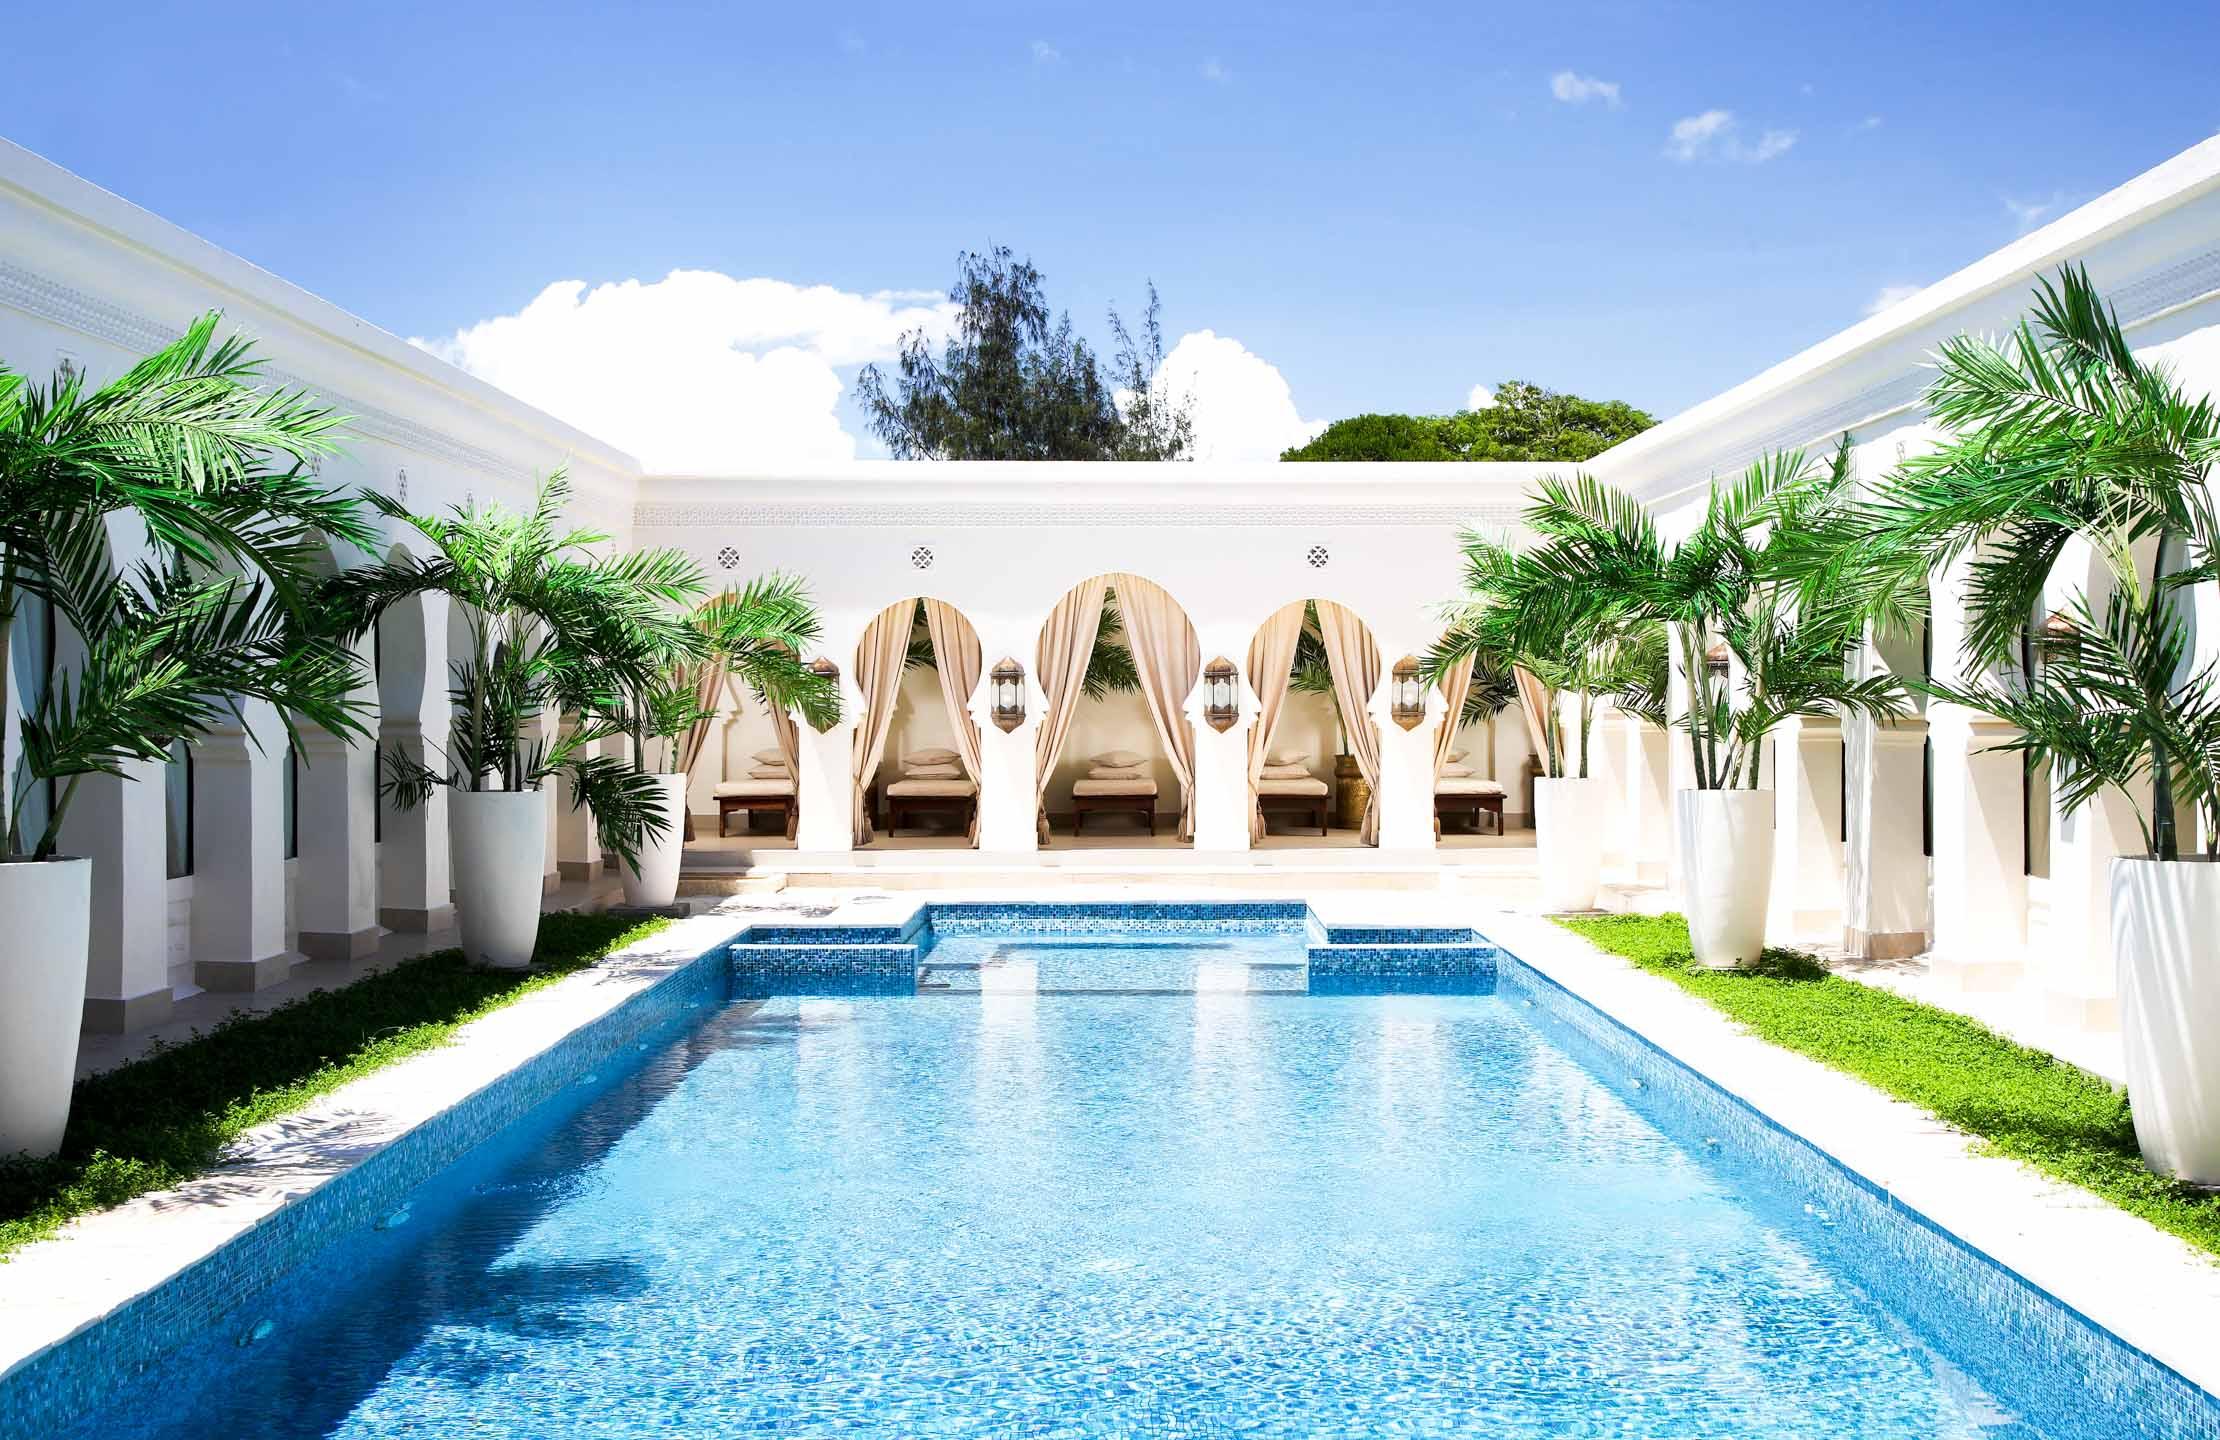 Outdoor pool at Baraza Resort & Spa